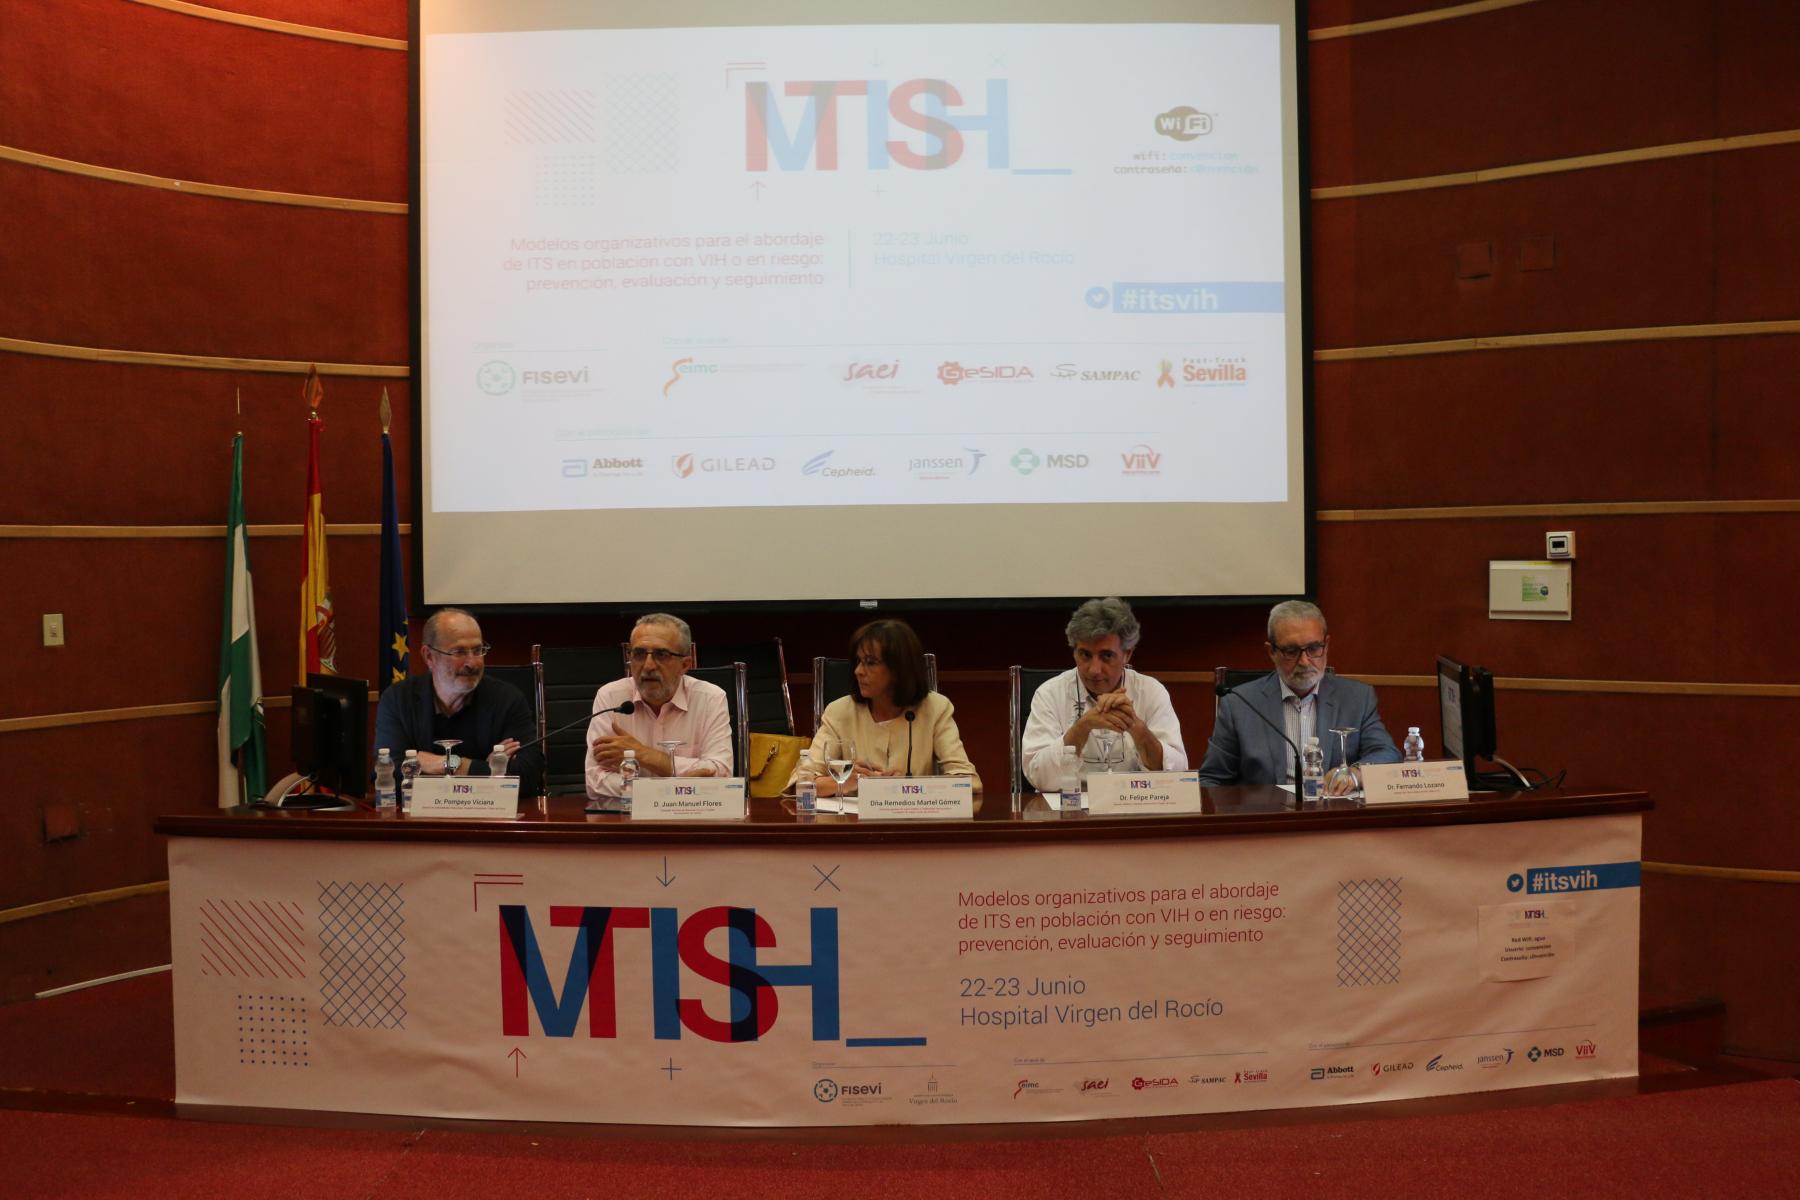 Andalucía registró en 2017 más de 3.000 nuevos casos de infecciones de transmisión sexual